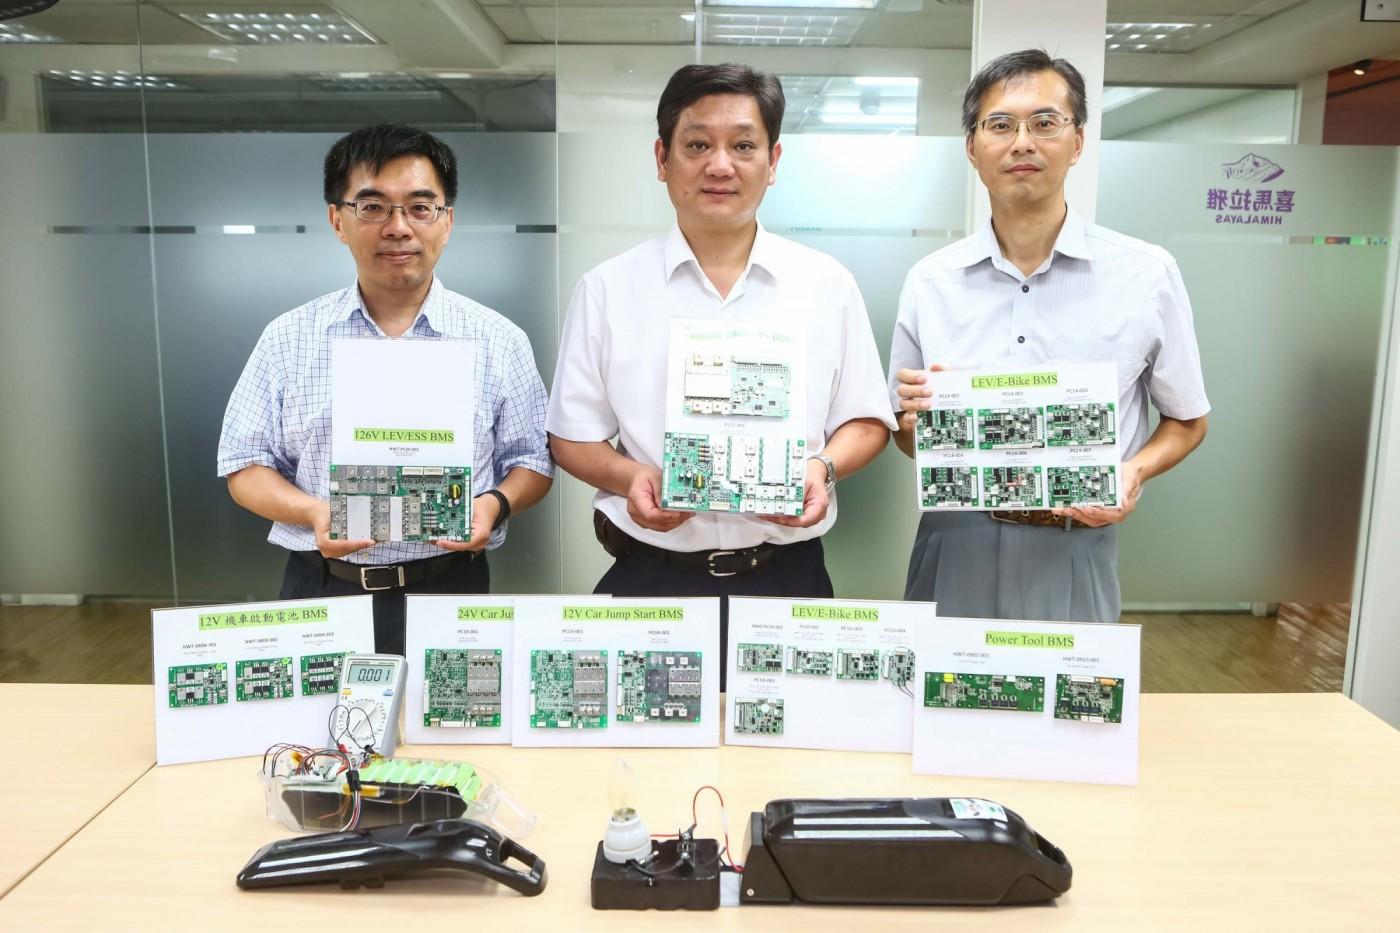 專注研發、用專利說話,「中年新創」漢穎科技要讓鋰電池壽命更長更安全